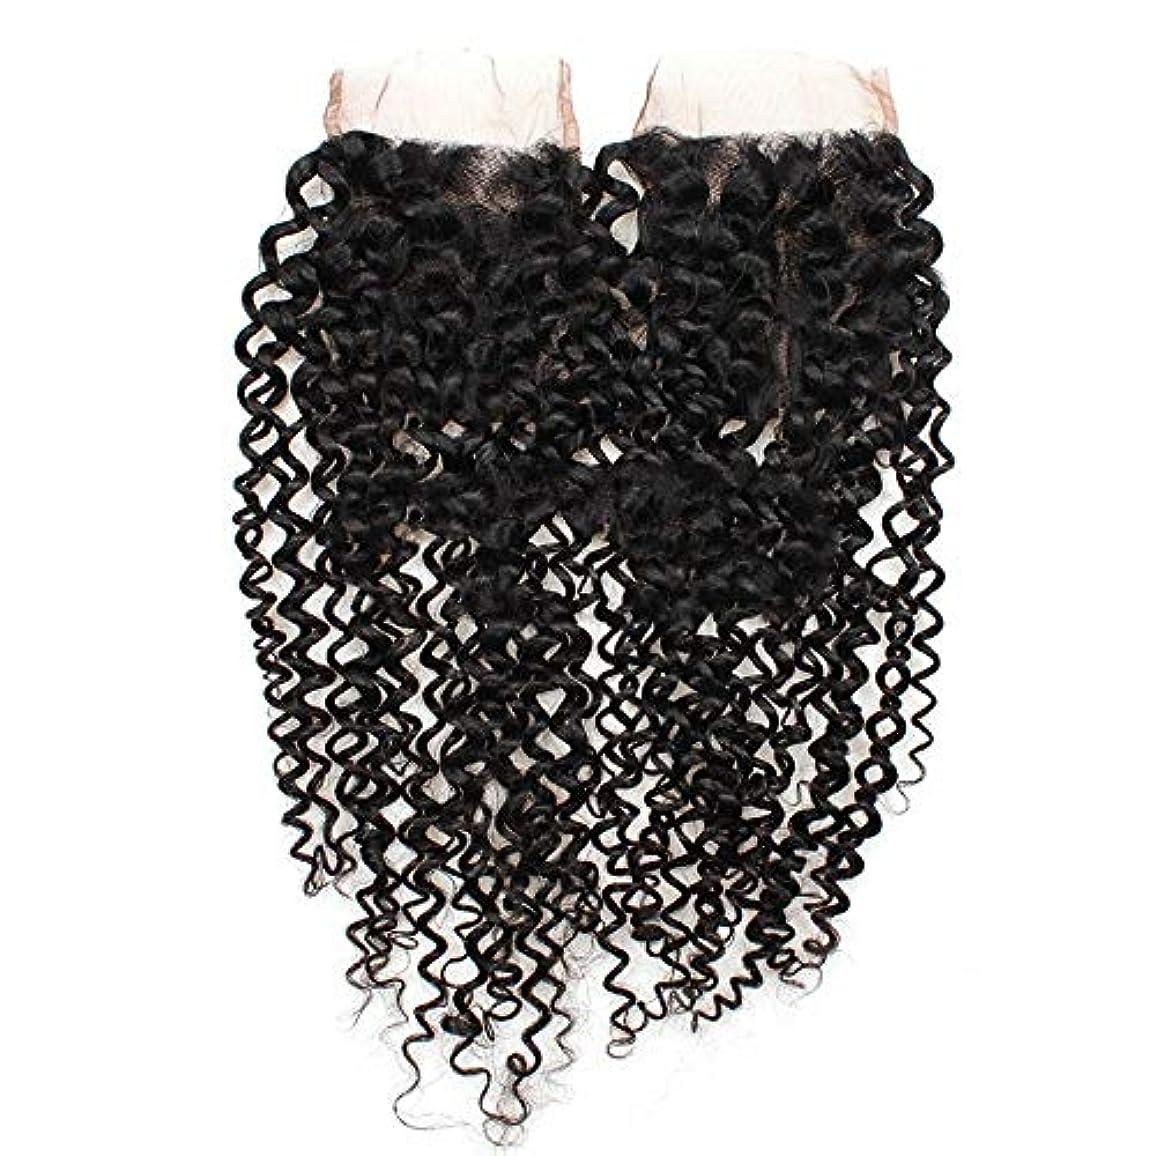 キャビンステートメント呼び出すWASAIO 閉鎖ボディレースフロンタルパート4x4の自然な色8インチ、20インチでは、ブラジルのクリスプカーリー織り人間の髪 (色 : 黒, サイズ : 14 inch)